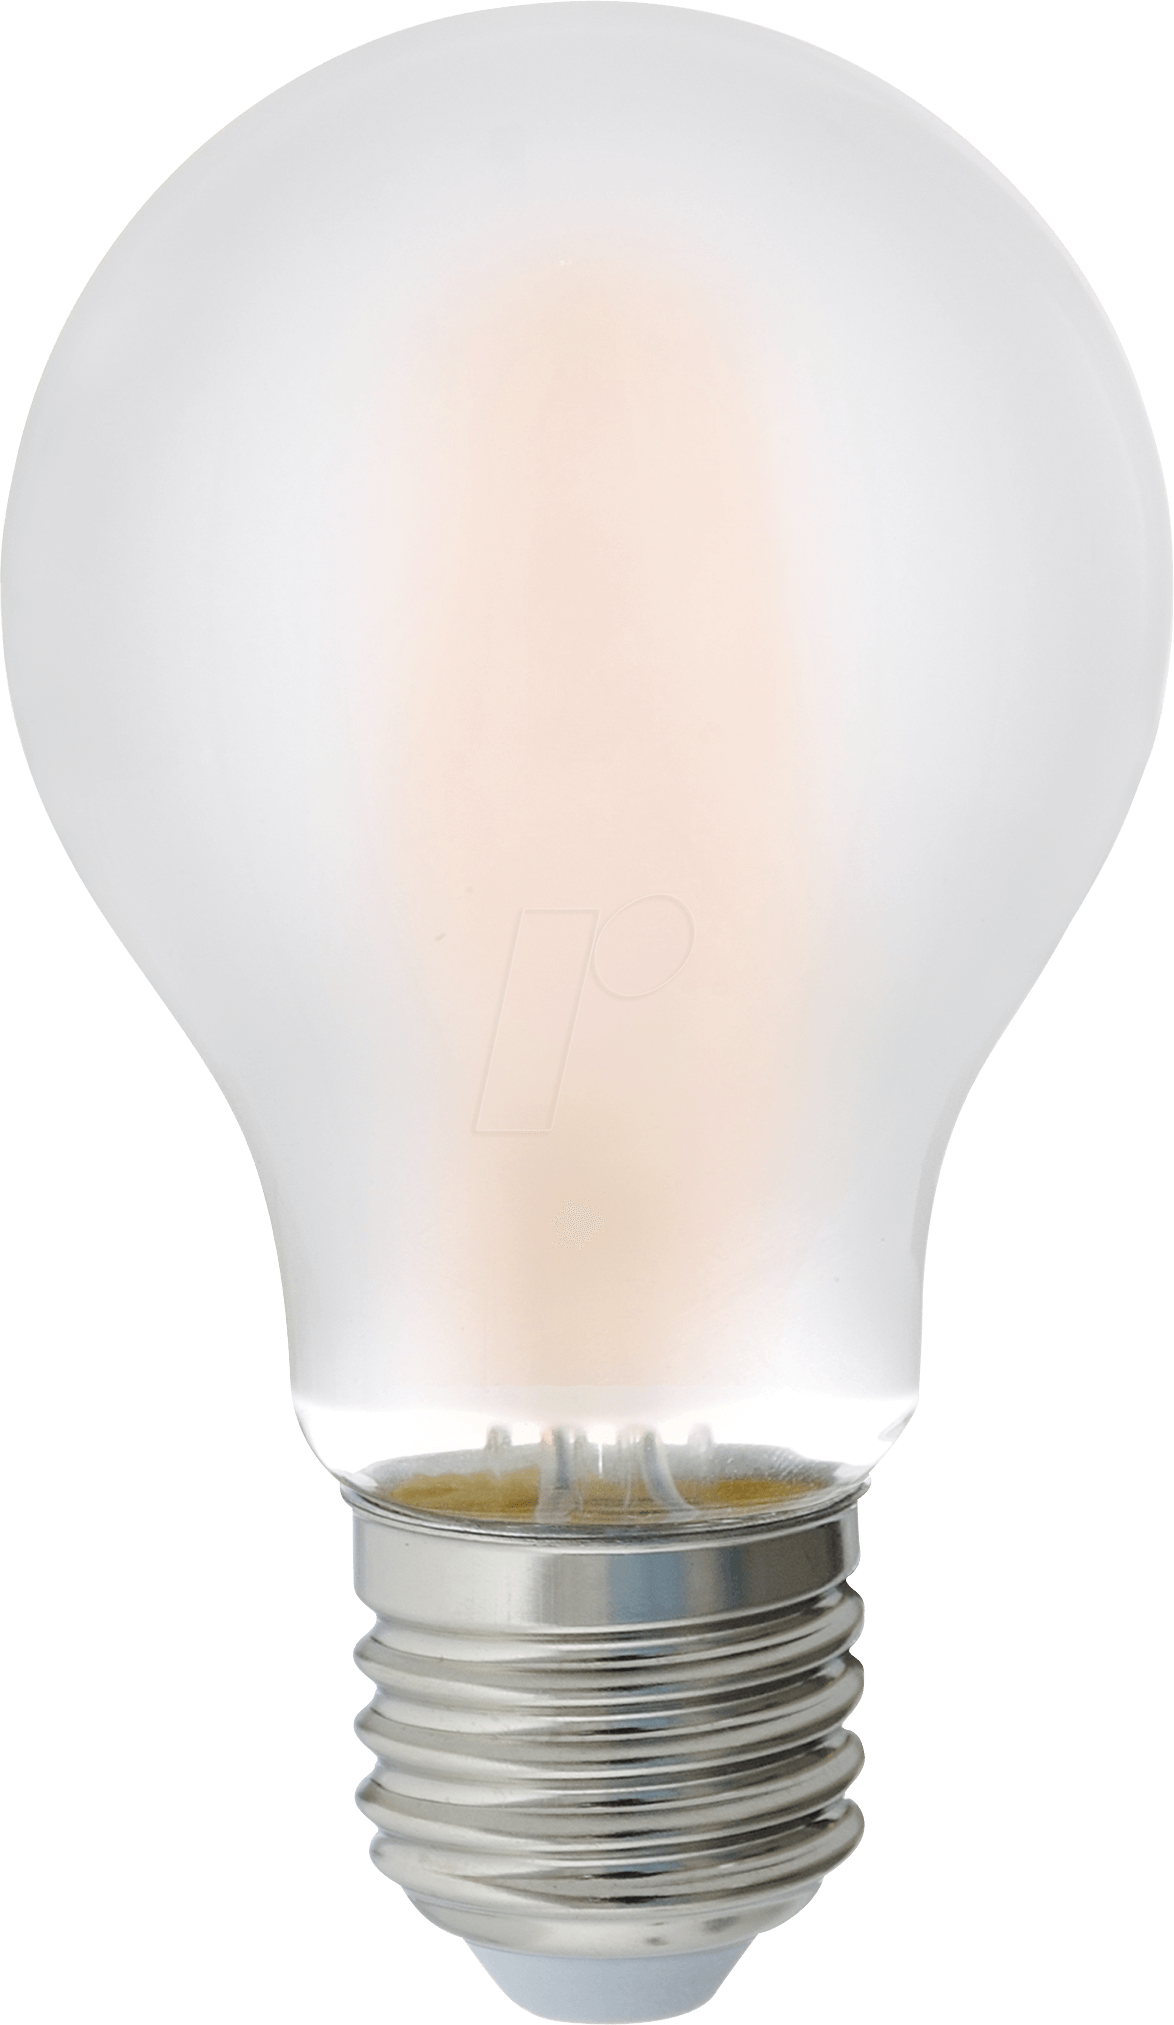 gl 3810 led lampe e27 4 w 430 lm 2700 k filament bei. Black Bedroom Furniture Sets. Home Design Ideas